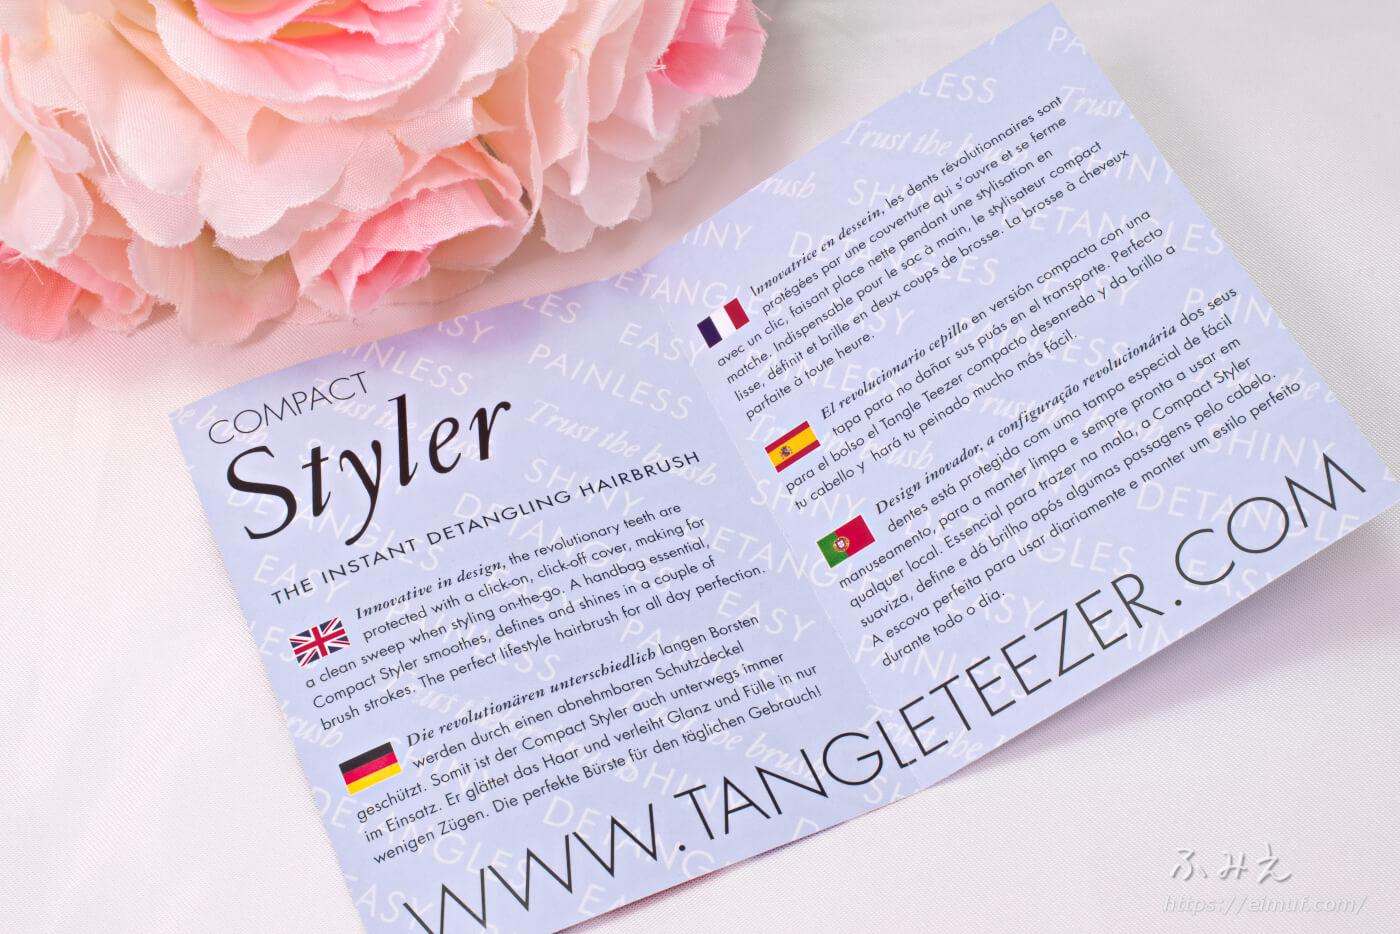 TANGLE TEEZER(タングル ティーザー) / コンパクトスタイラーの説明書